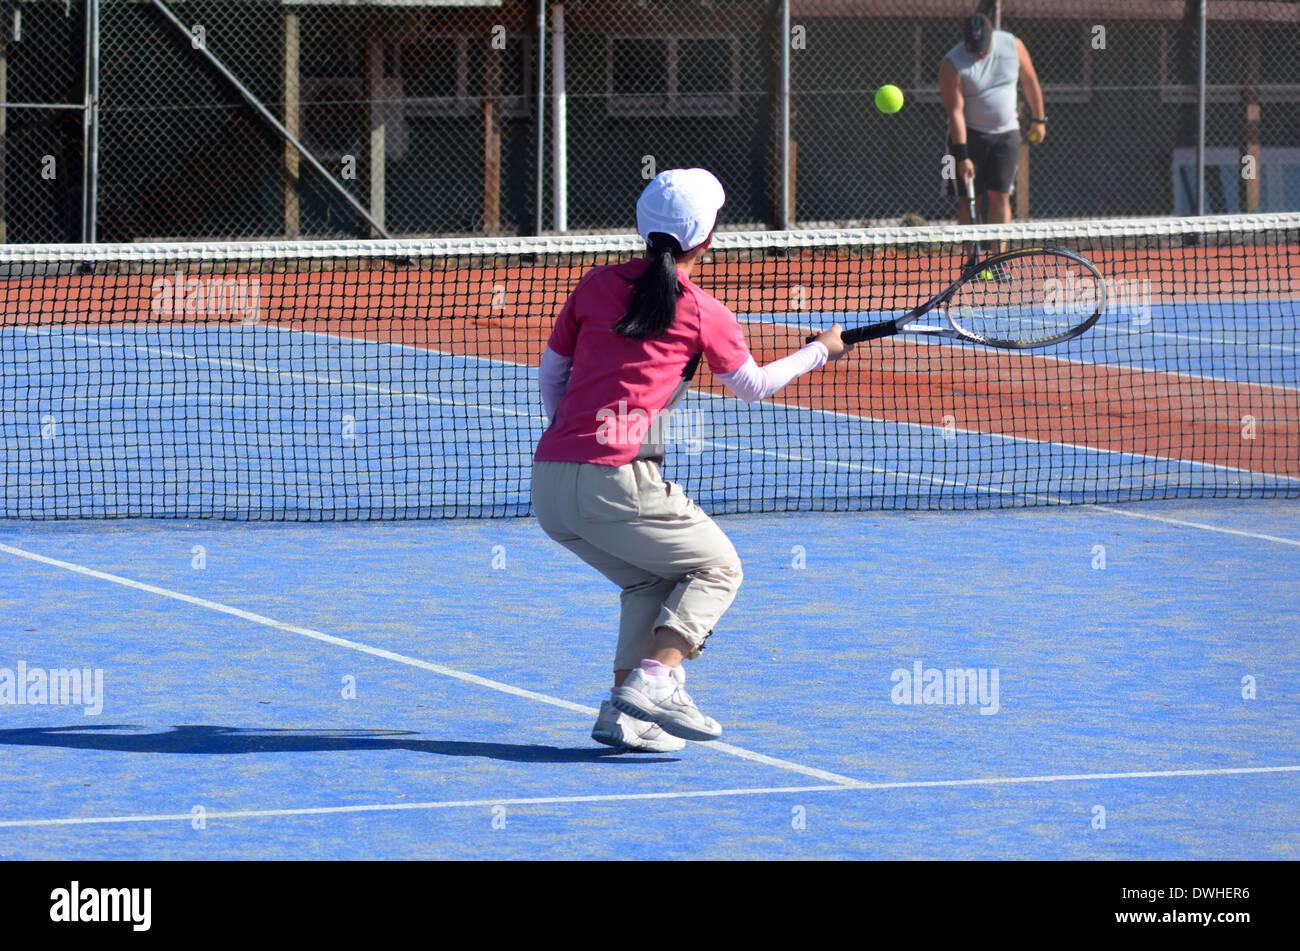 KAITAIA, NZ - MAR 06:persone giocare a tennis sul Mar 06 2014.Il gioco di tennis proviene dalla Gran Bretagna. Immagini Stock